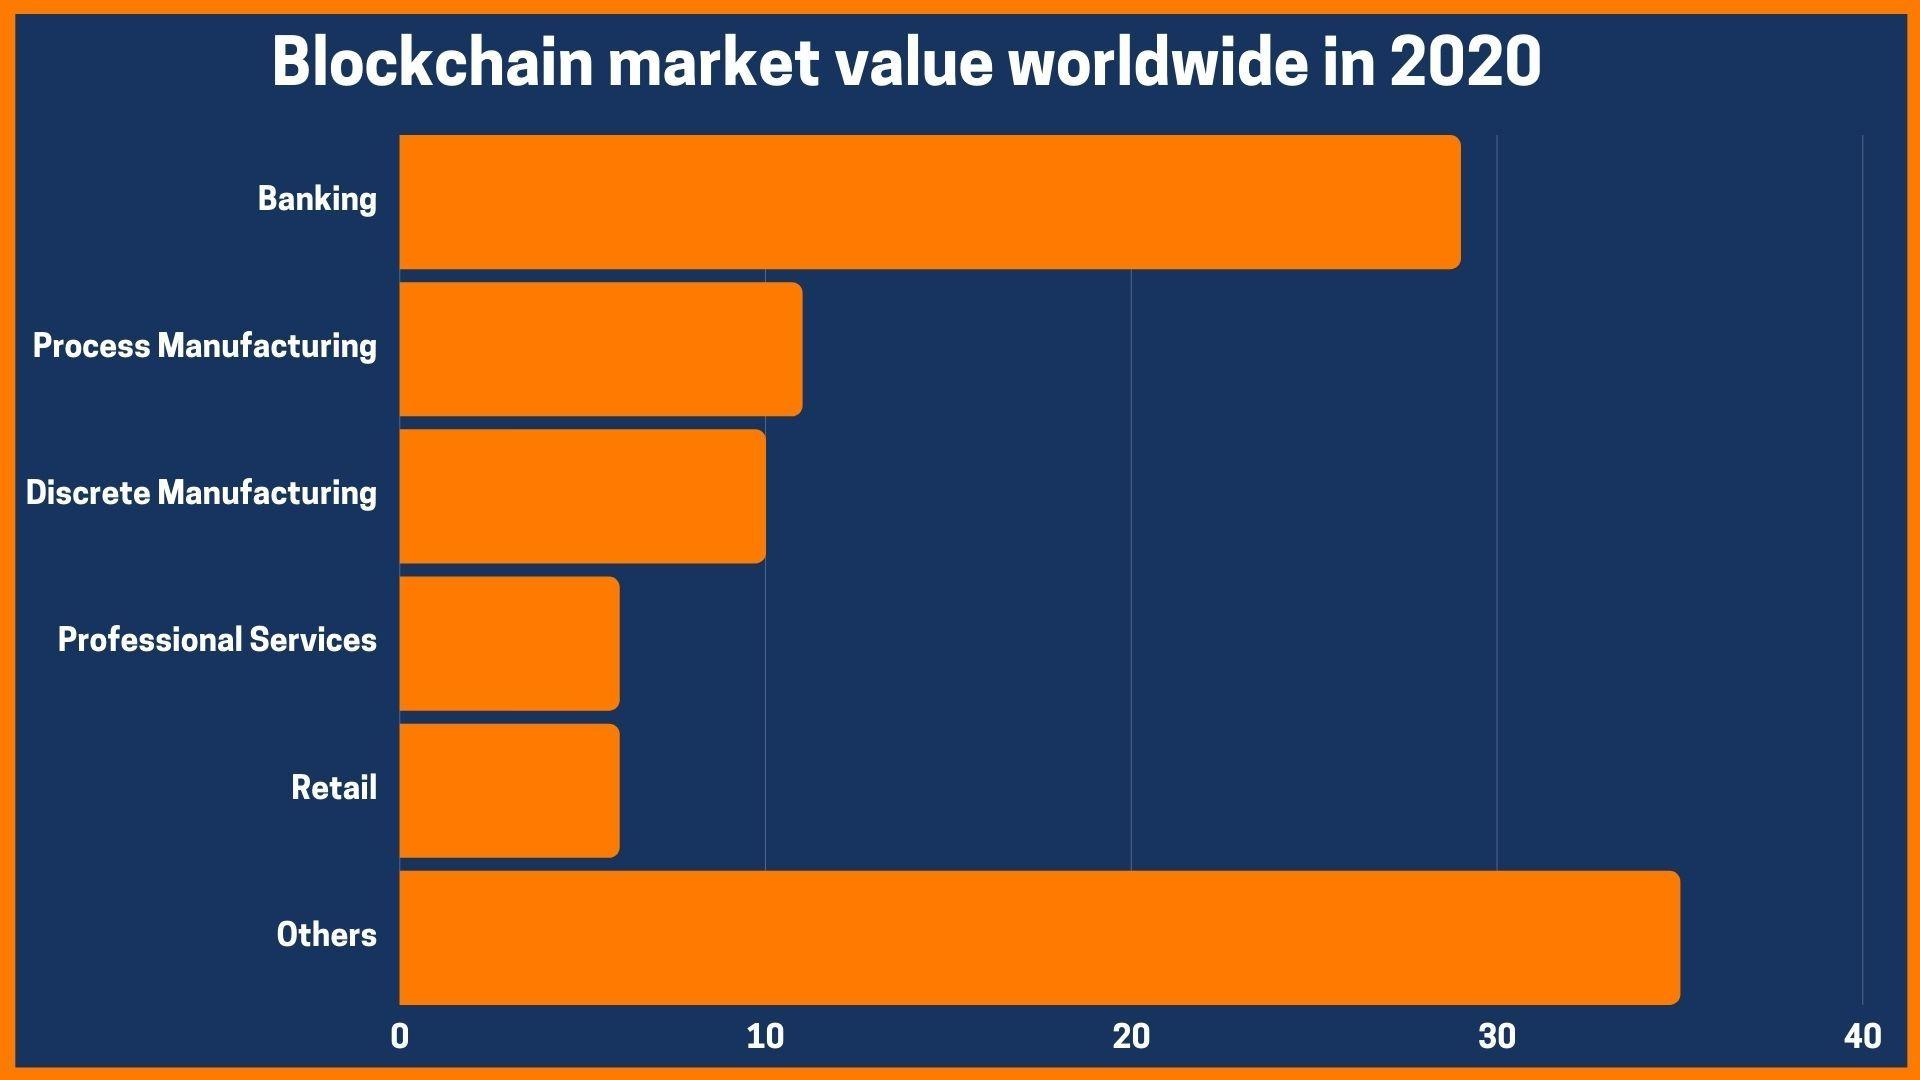 blockchain market value worldwide in 2020